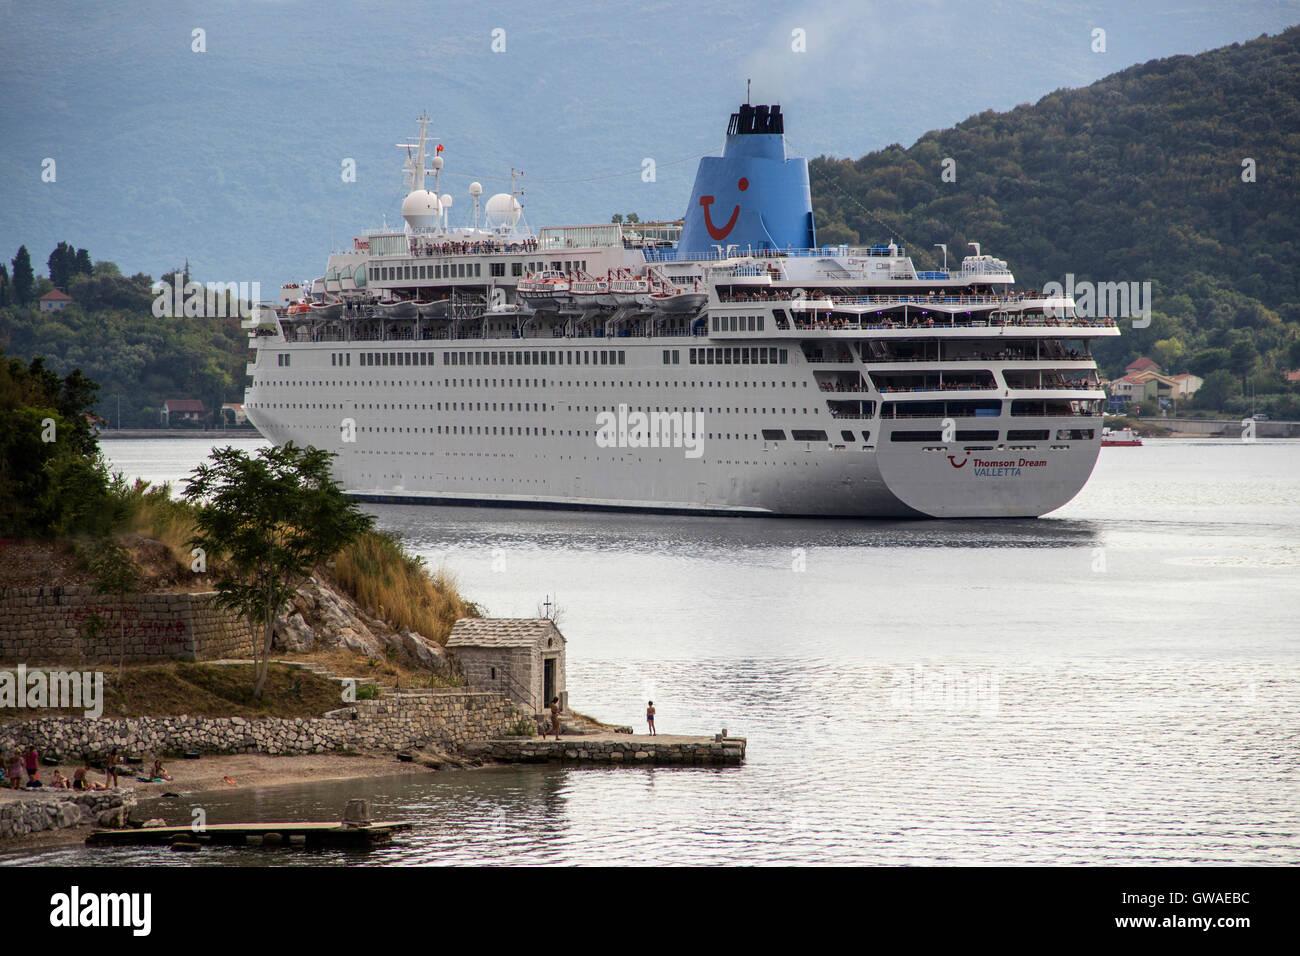 Bay Of Kotor Montenegro The Cruise Ship THOMSON DREAM Passing - Thomson dream cruise ship latest news